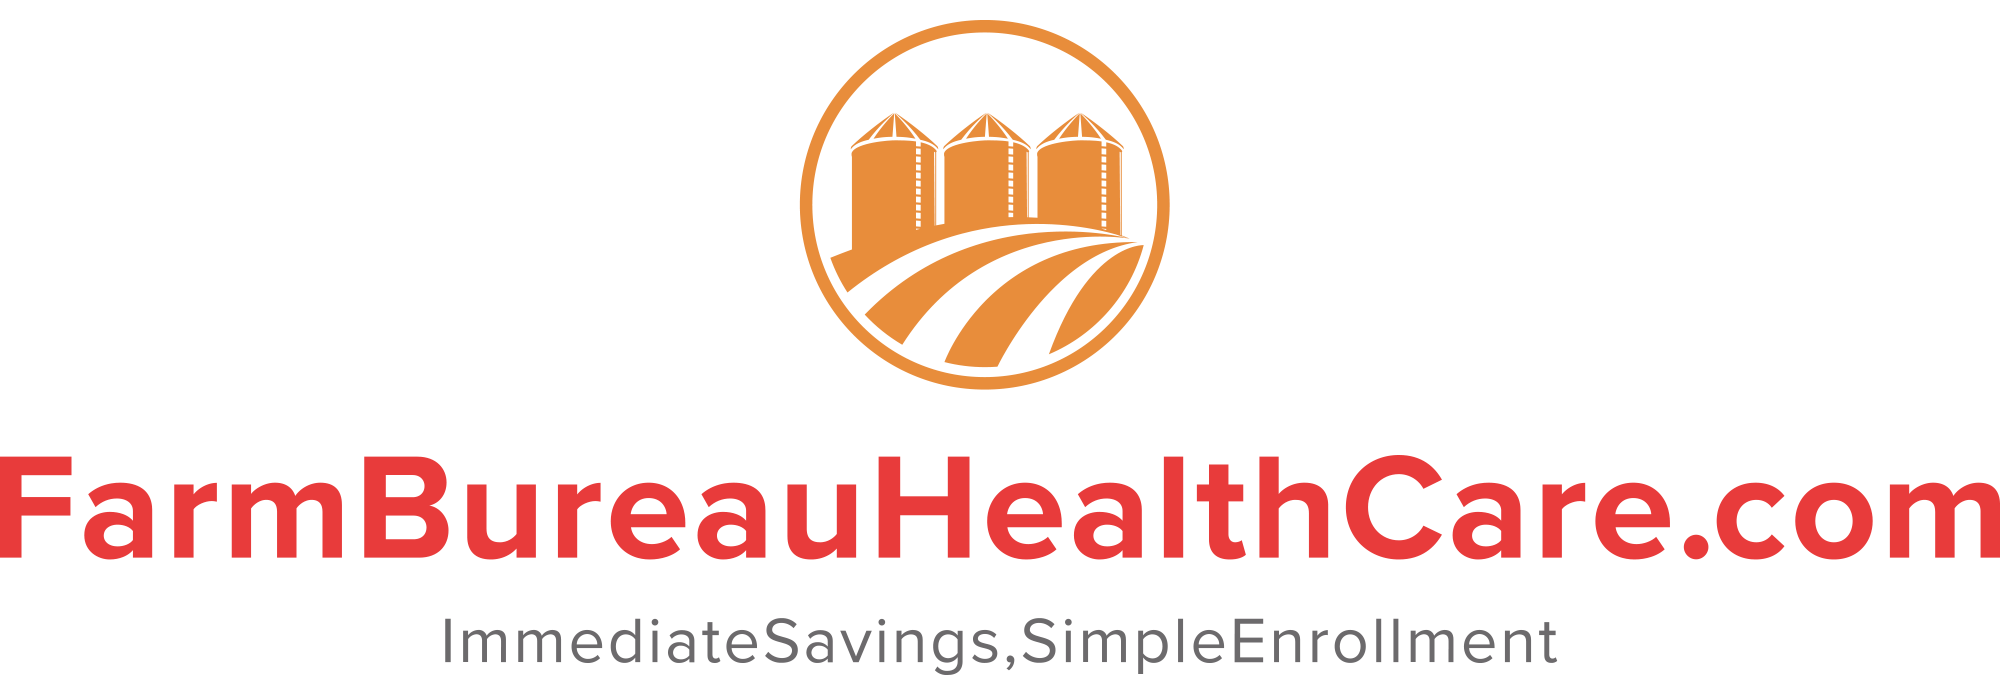 Farm Bureau Healthcare